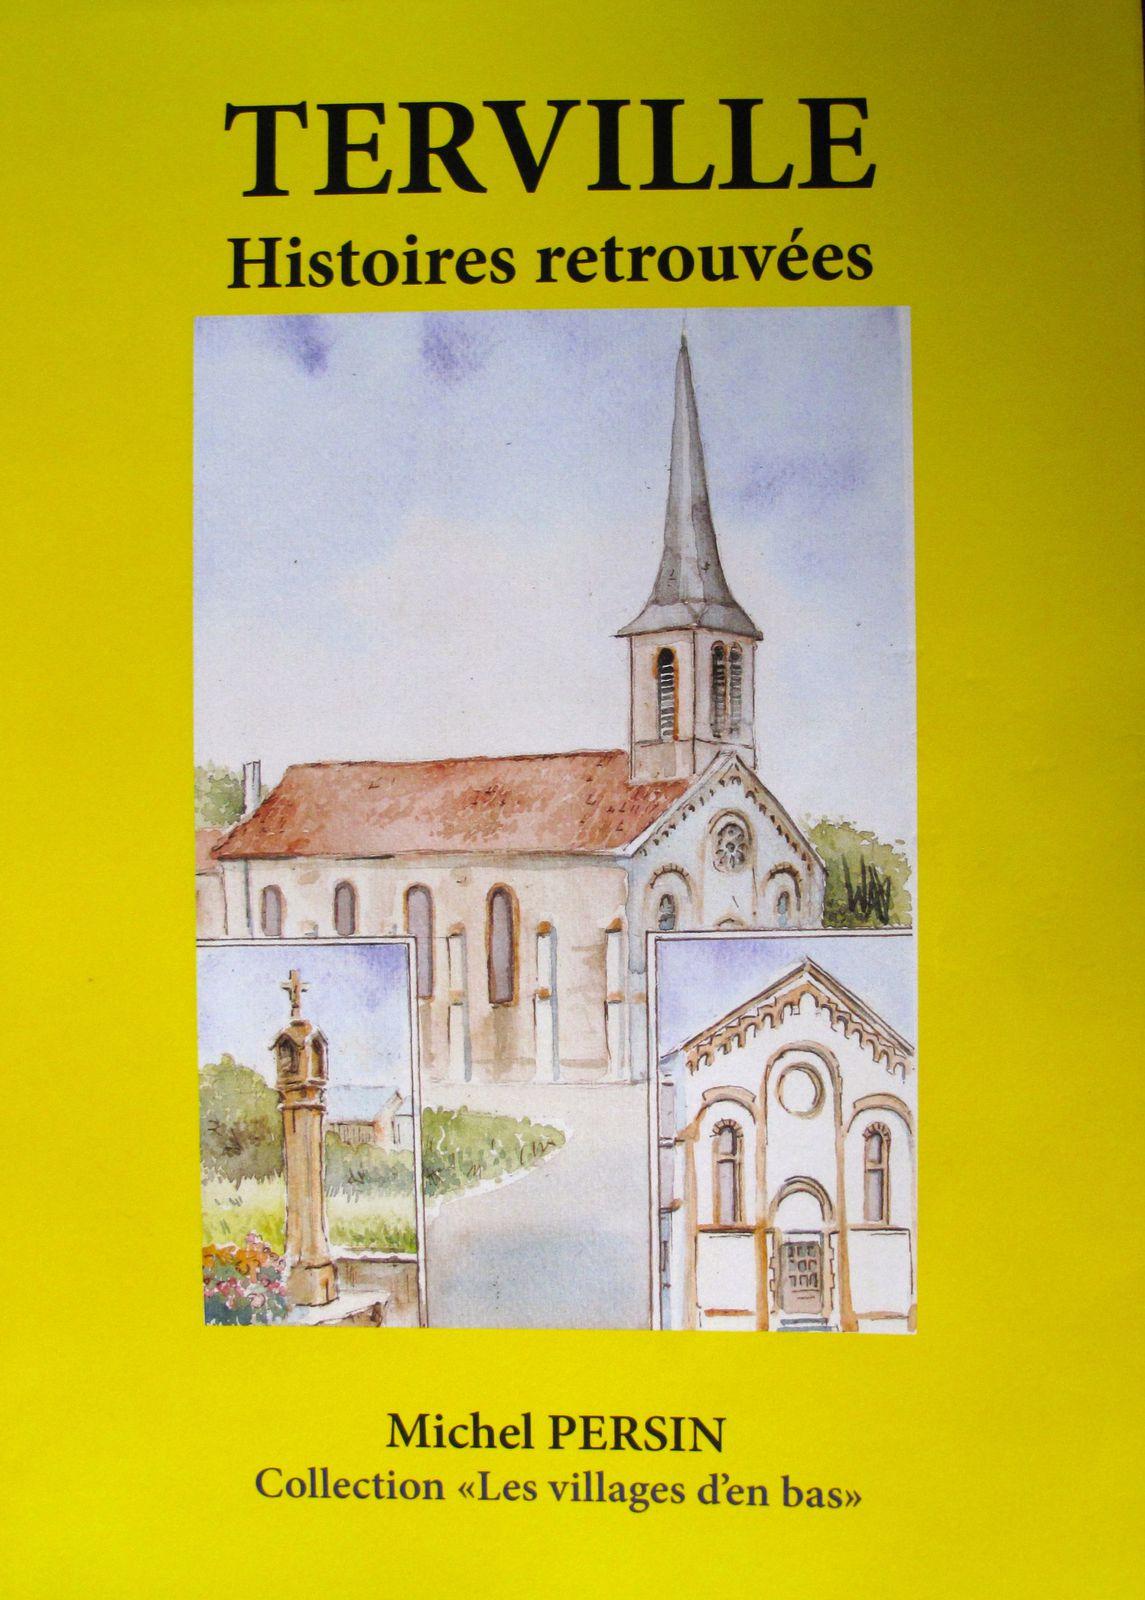 Livre à venir: TERVILLE - Histoires retrouvées